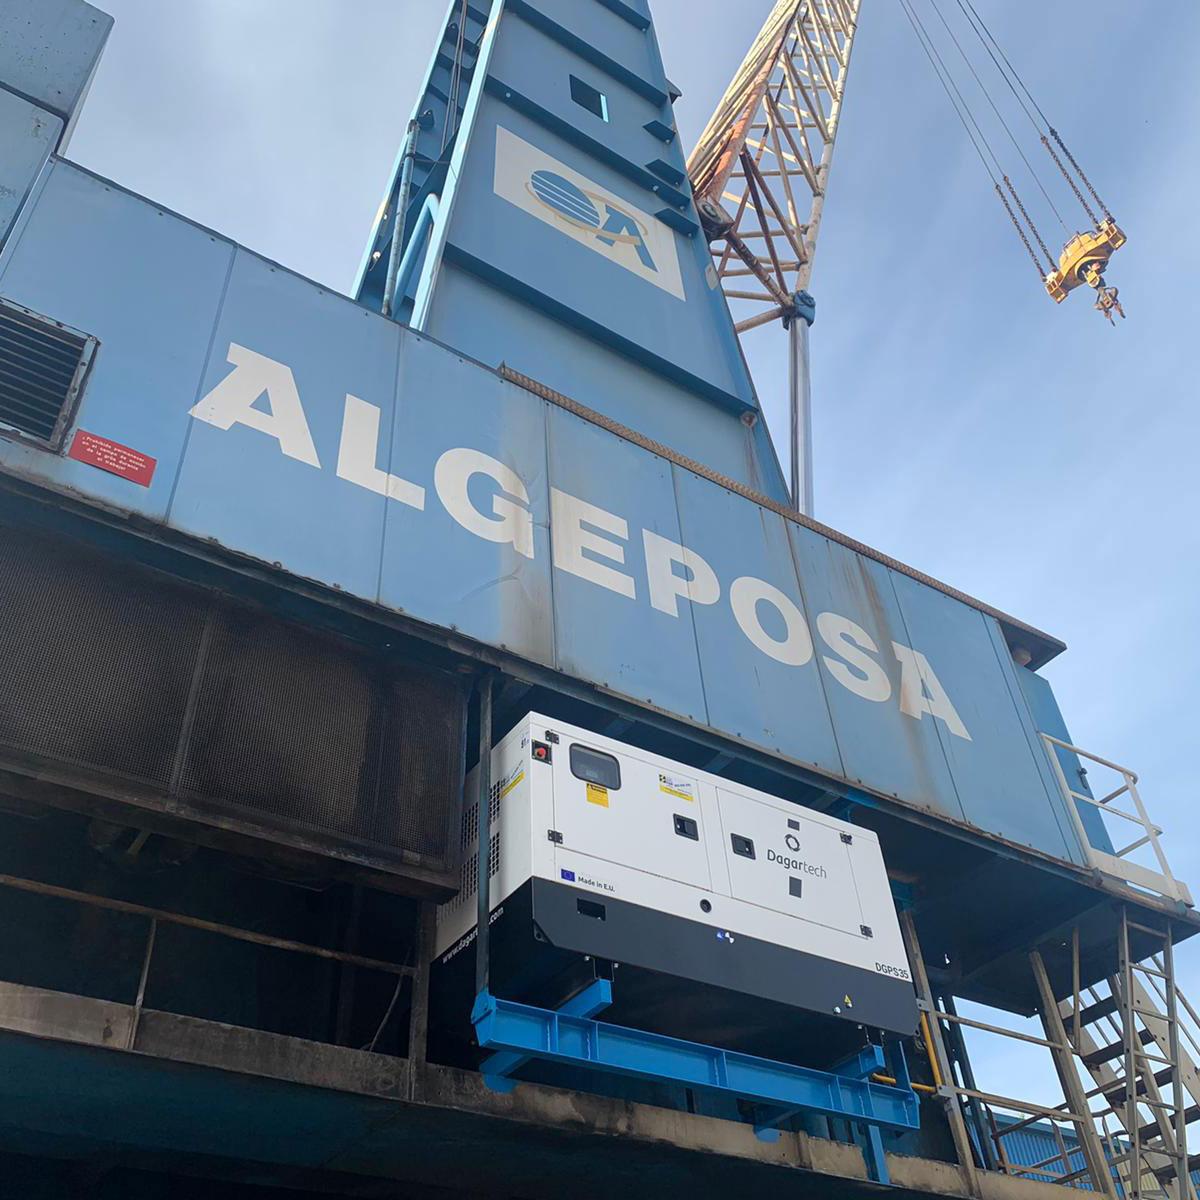 Grupo electrógeno Dagartech de 35 kVA con tratamiento especial C5M instalado en el Puerto de San Sebastián